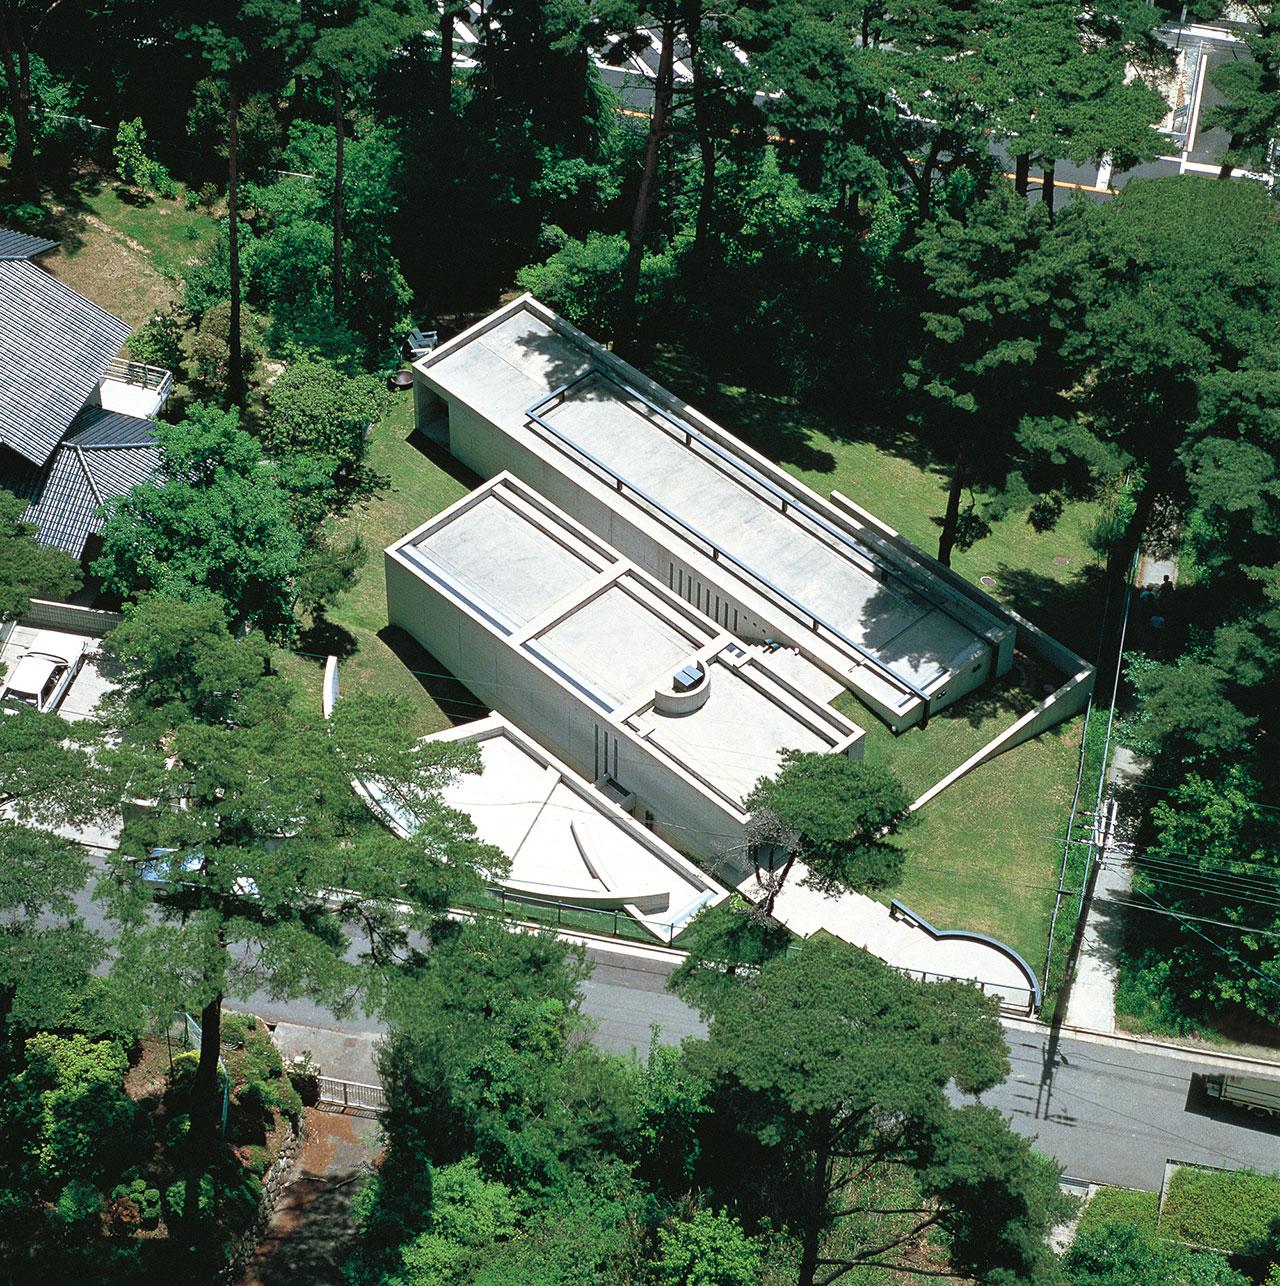 小篠邸 (1981/1984) 兵庫県芦屋市 撮影: 新建築社 写真部 / Koshino House (1981/1984) Ashiya, Hyogo Photo: Shinkenchiku-sha